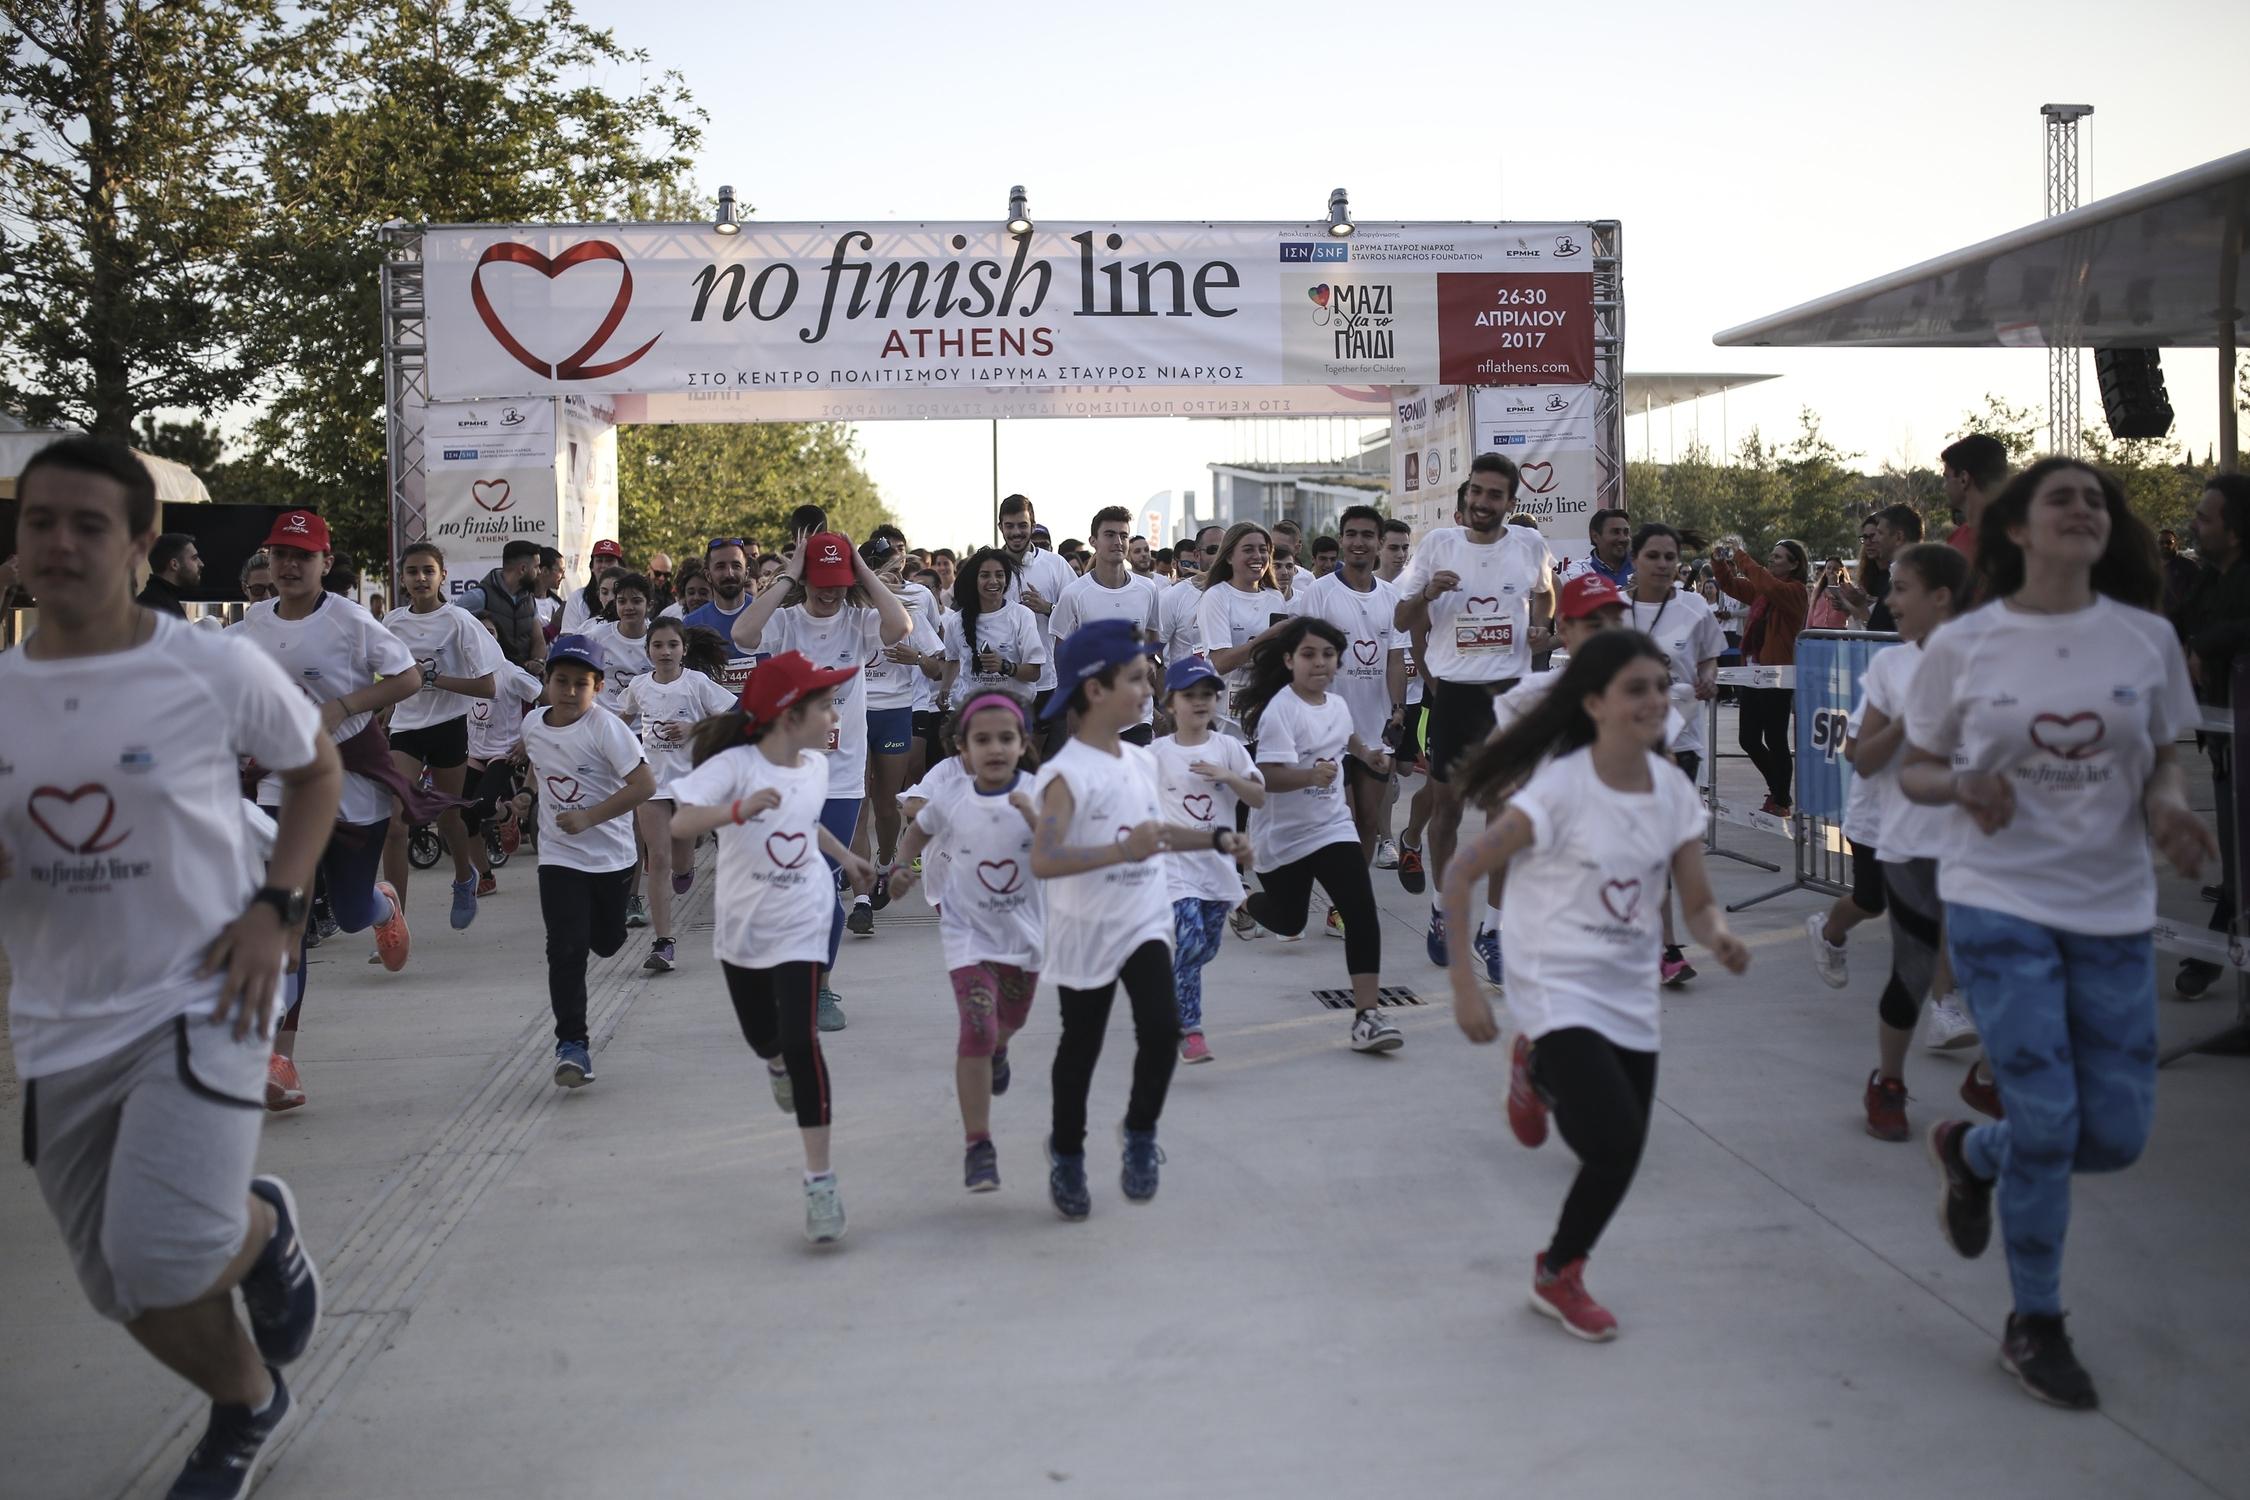 Στις 25-29 Απριλίου 2018, ο 2ος Yπερμαραθώνιος No Finish Line Athens